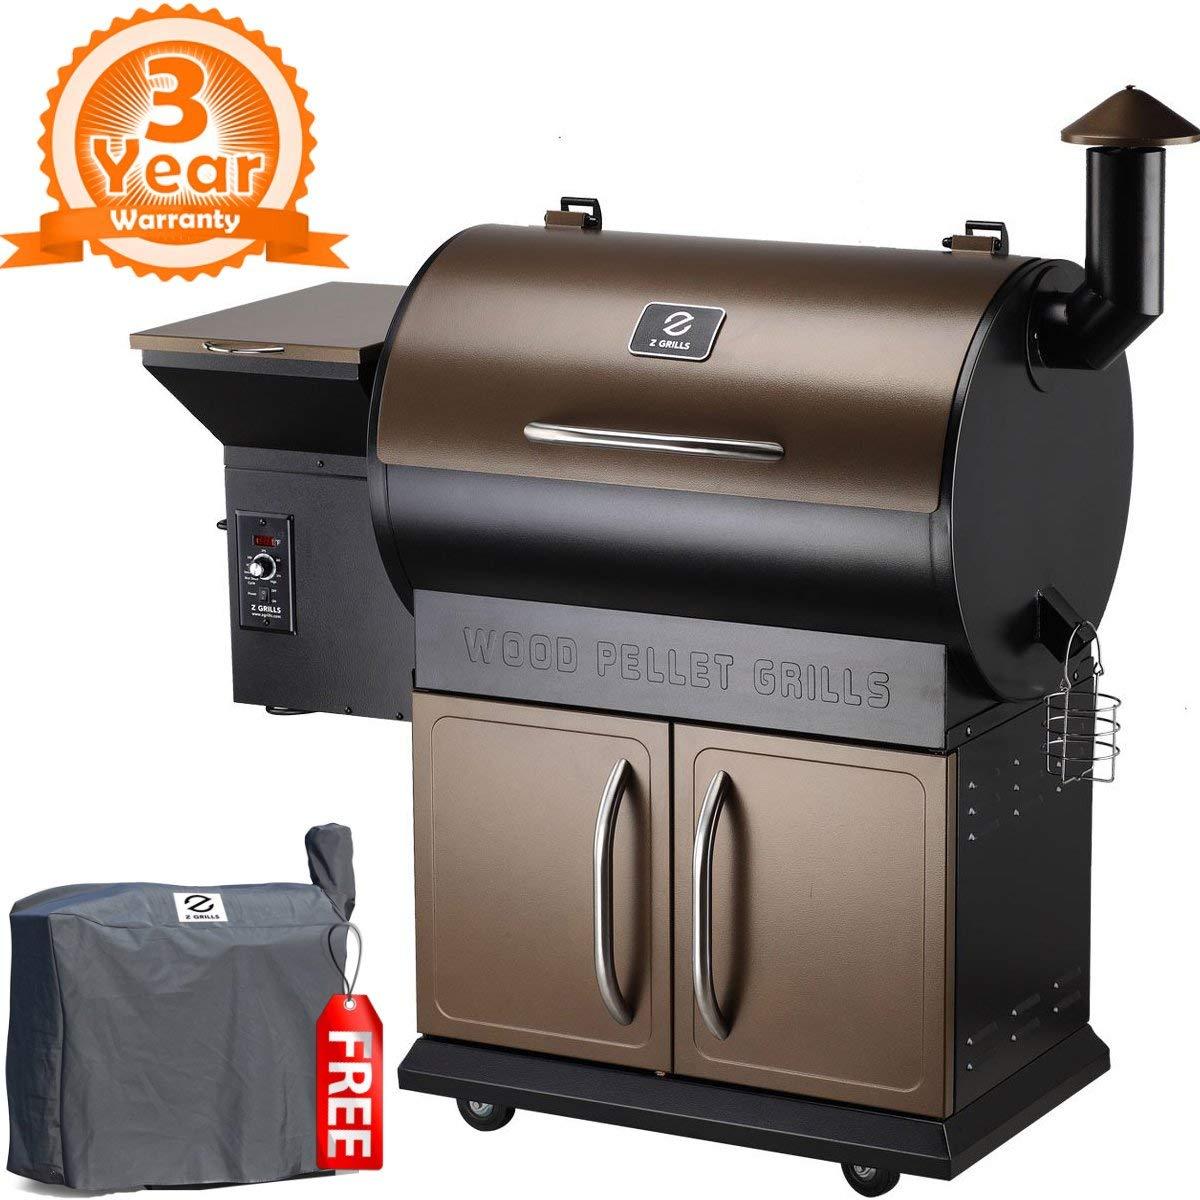 6 best gas grills 5 6 Best Gas Grills that Worth the Money